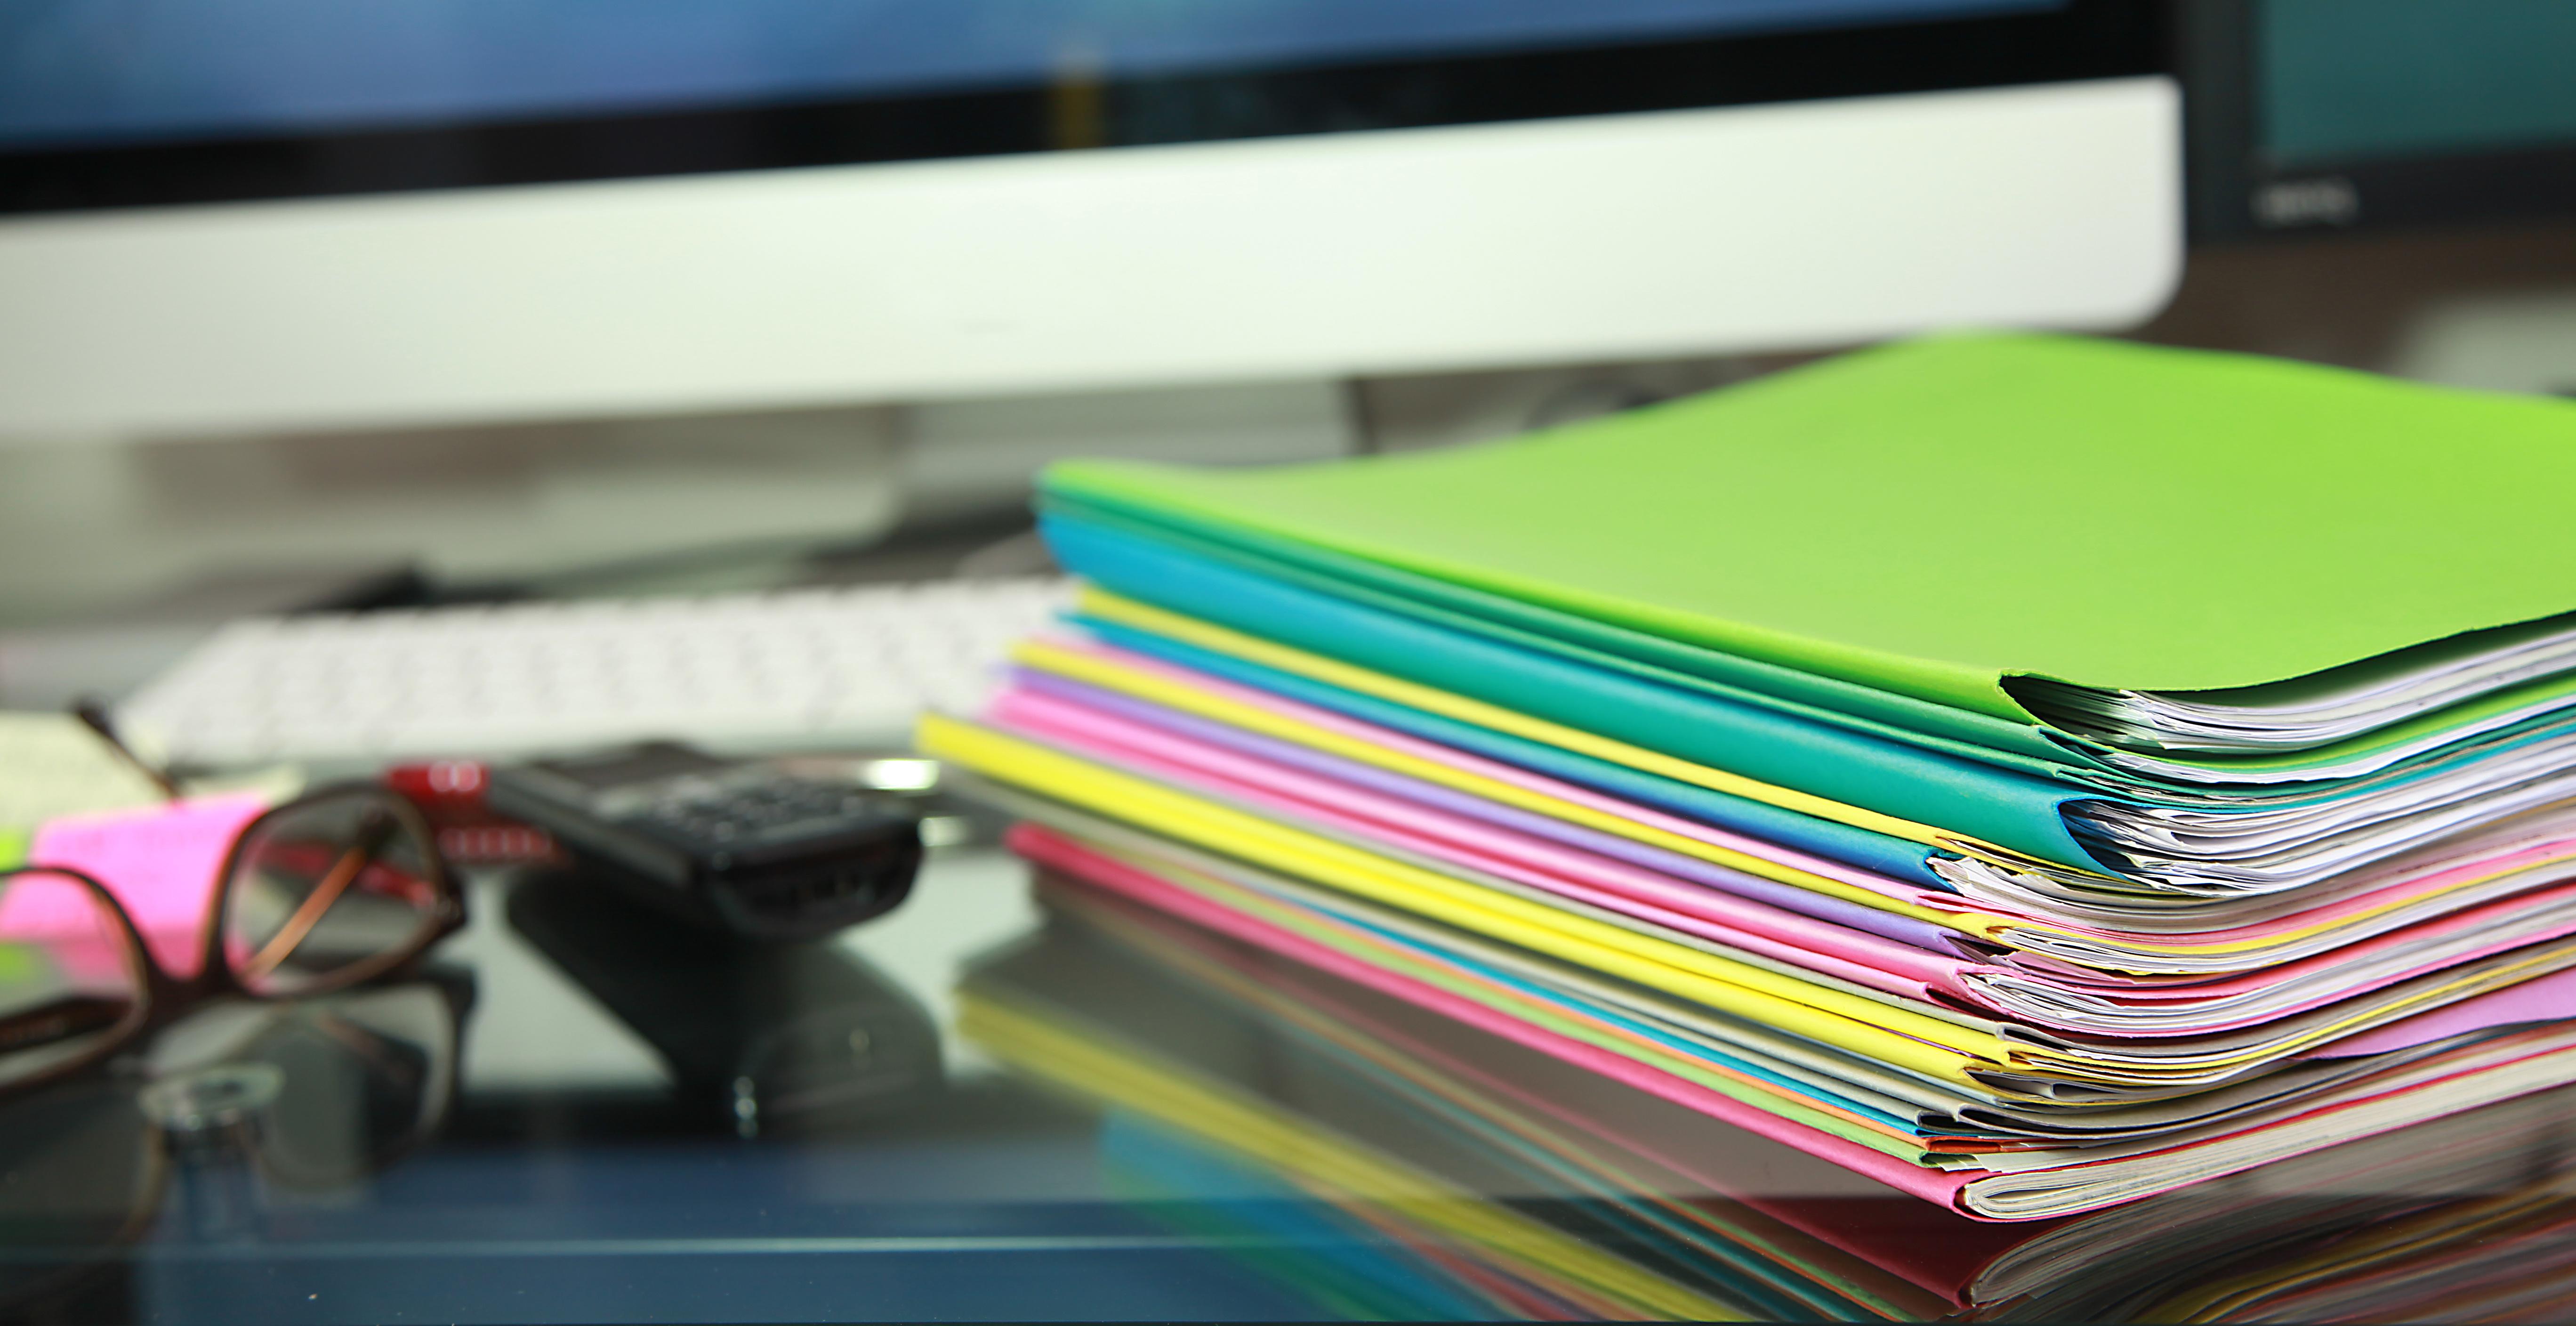 Dossier à remplir pour une demande d'APA à domicile. Il n'existe pas de dossier national pour la demande d'APA. Ce dossier propre à chaque département